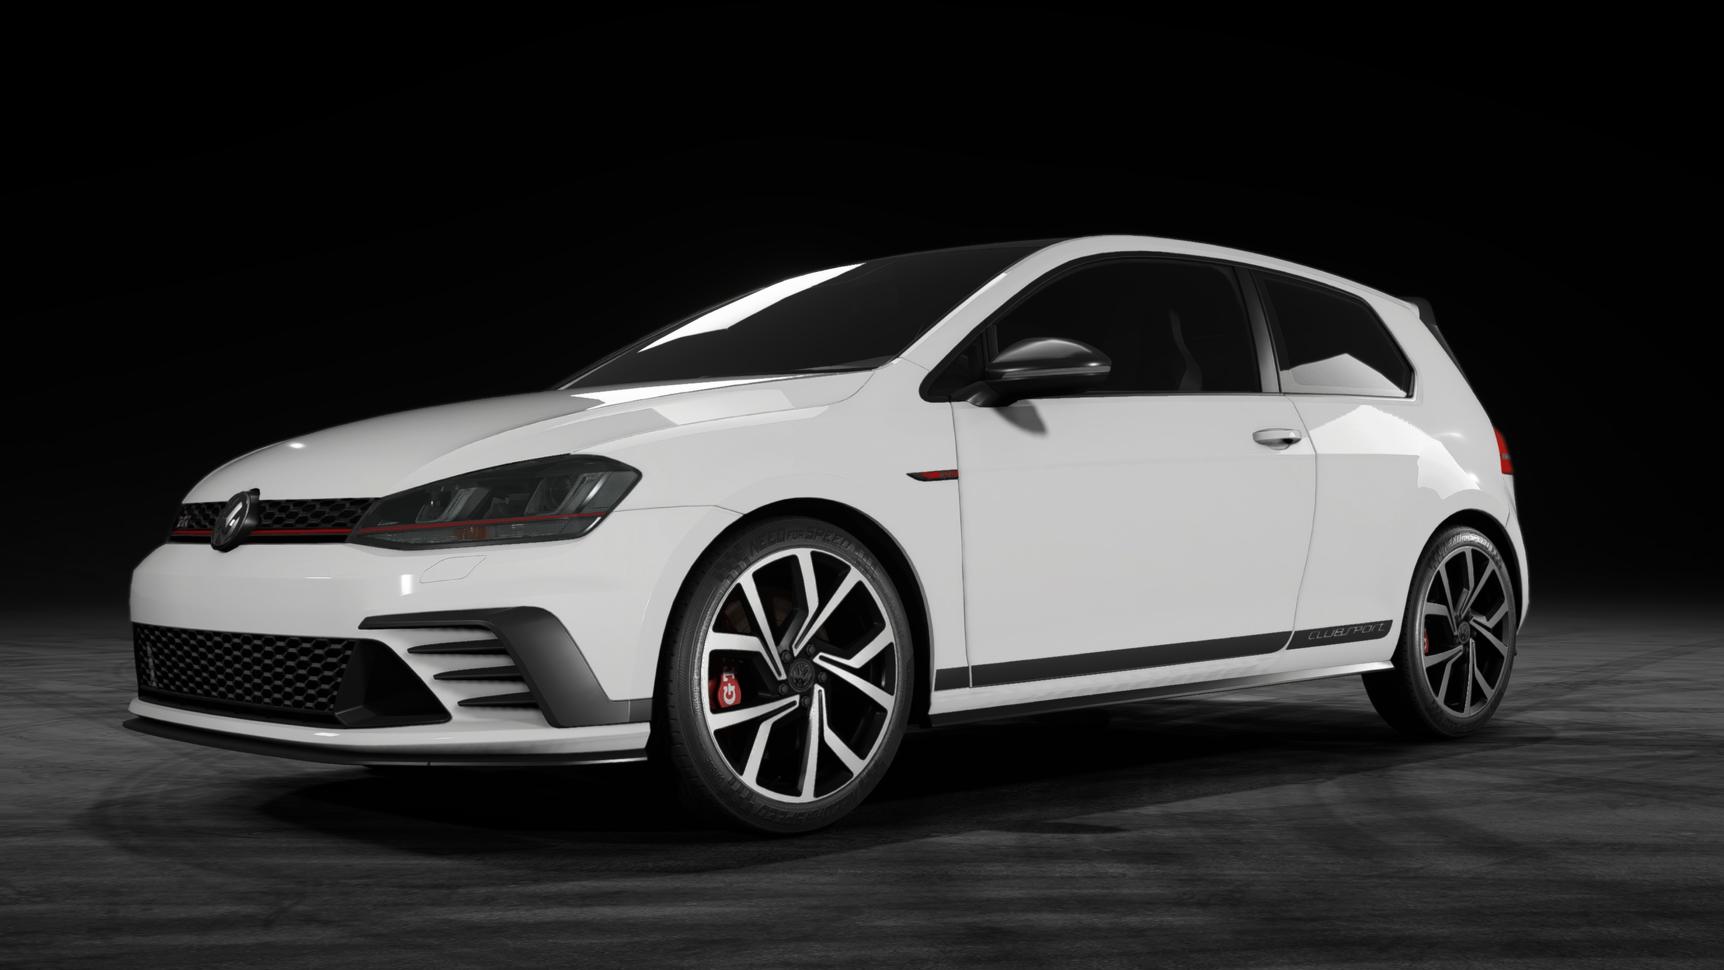 Volkswagen Golf GTI Clubsport (Mk7)